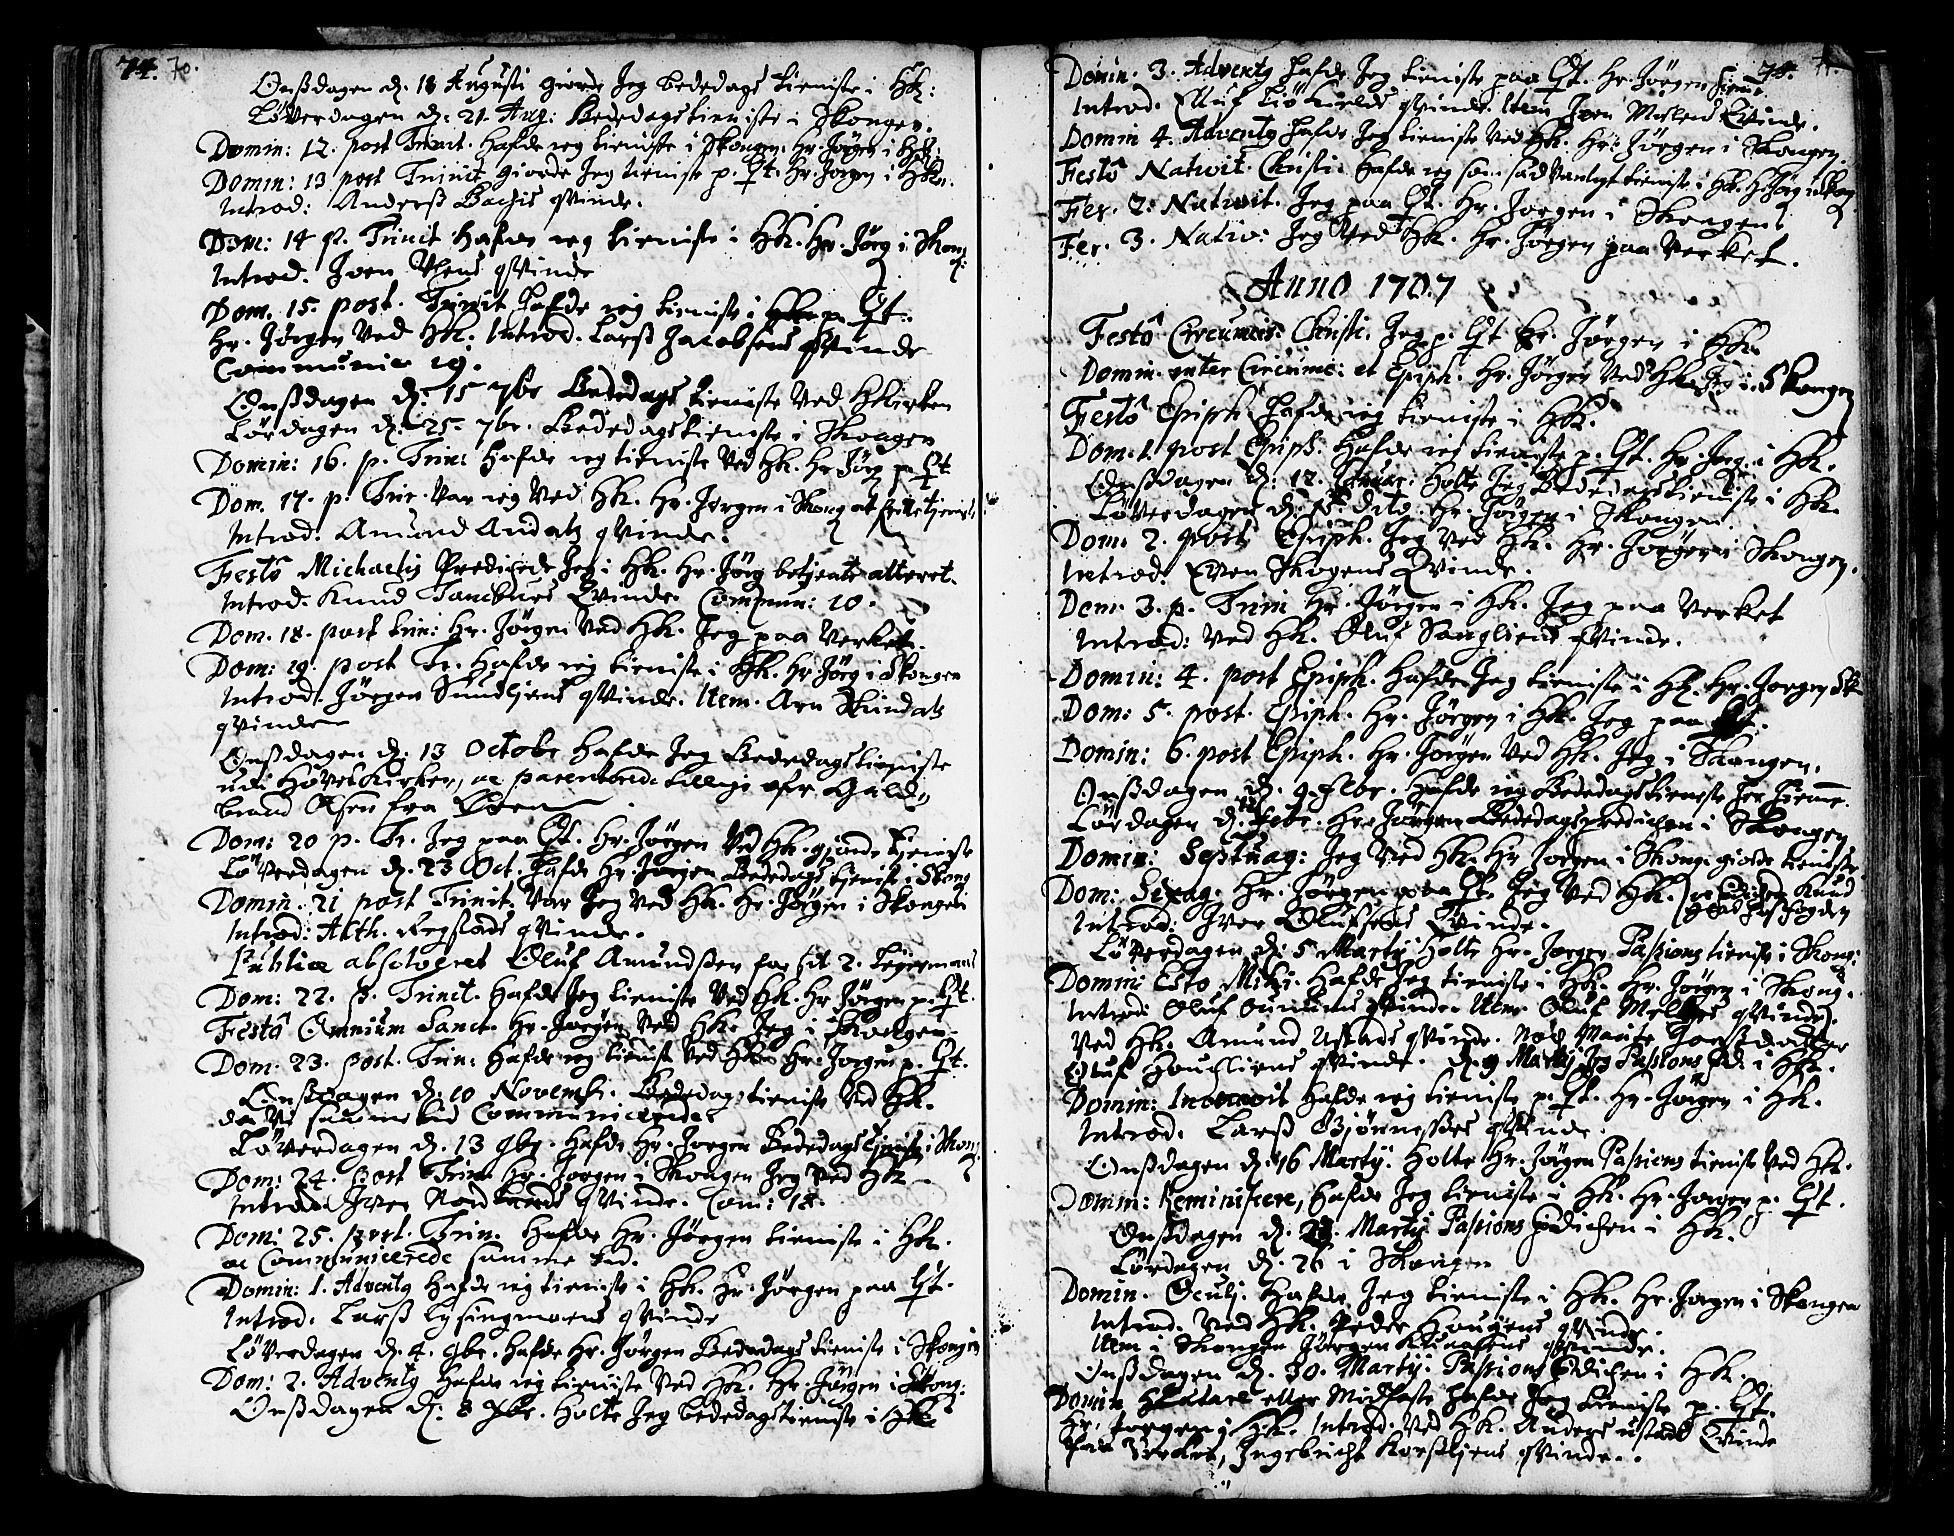 SAT, Ministerialprotokoller, klokkerbøker og fødselsregistre - Sør-Trøndelag, 668/L0801: Ministerialbok nr. 668A01, 1695-1716, s. 70-71